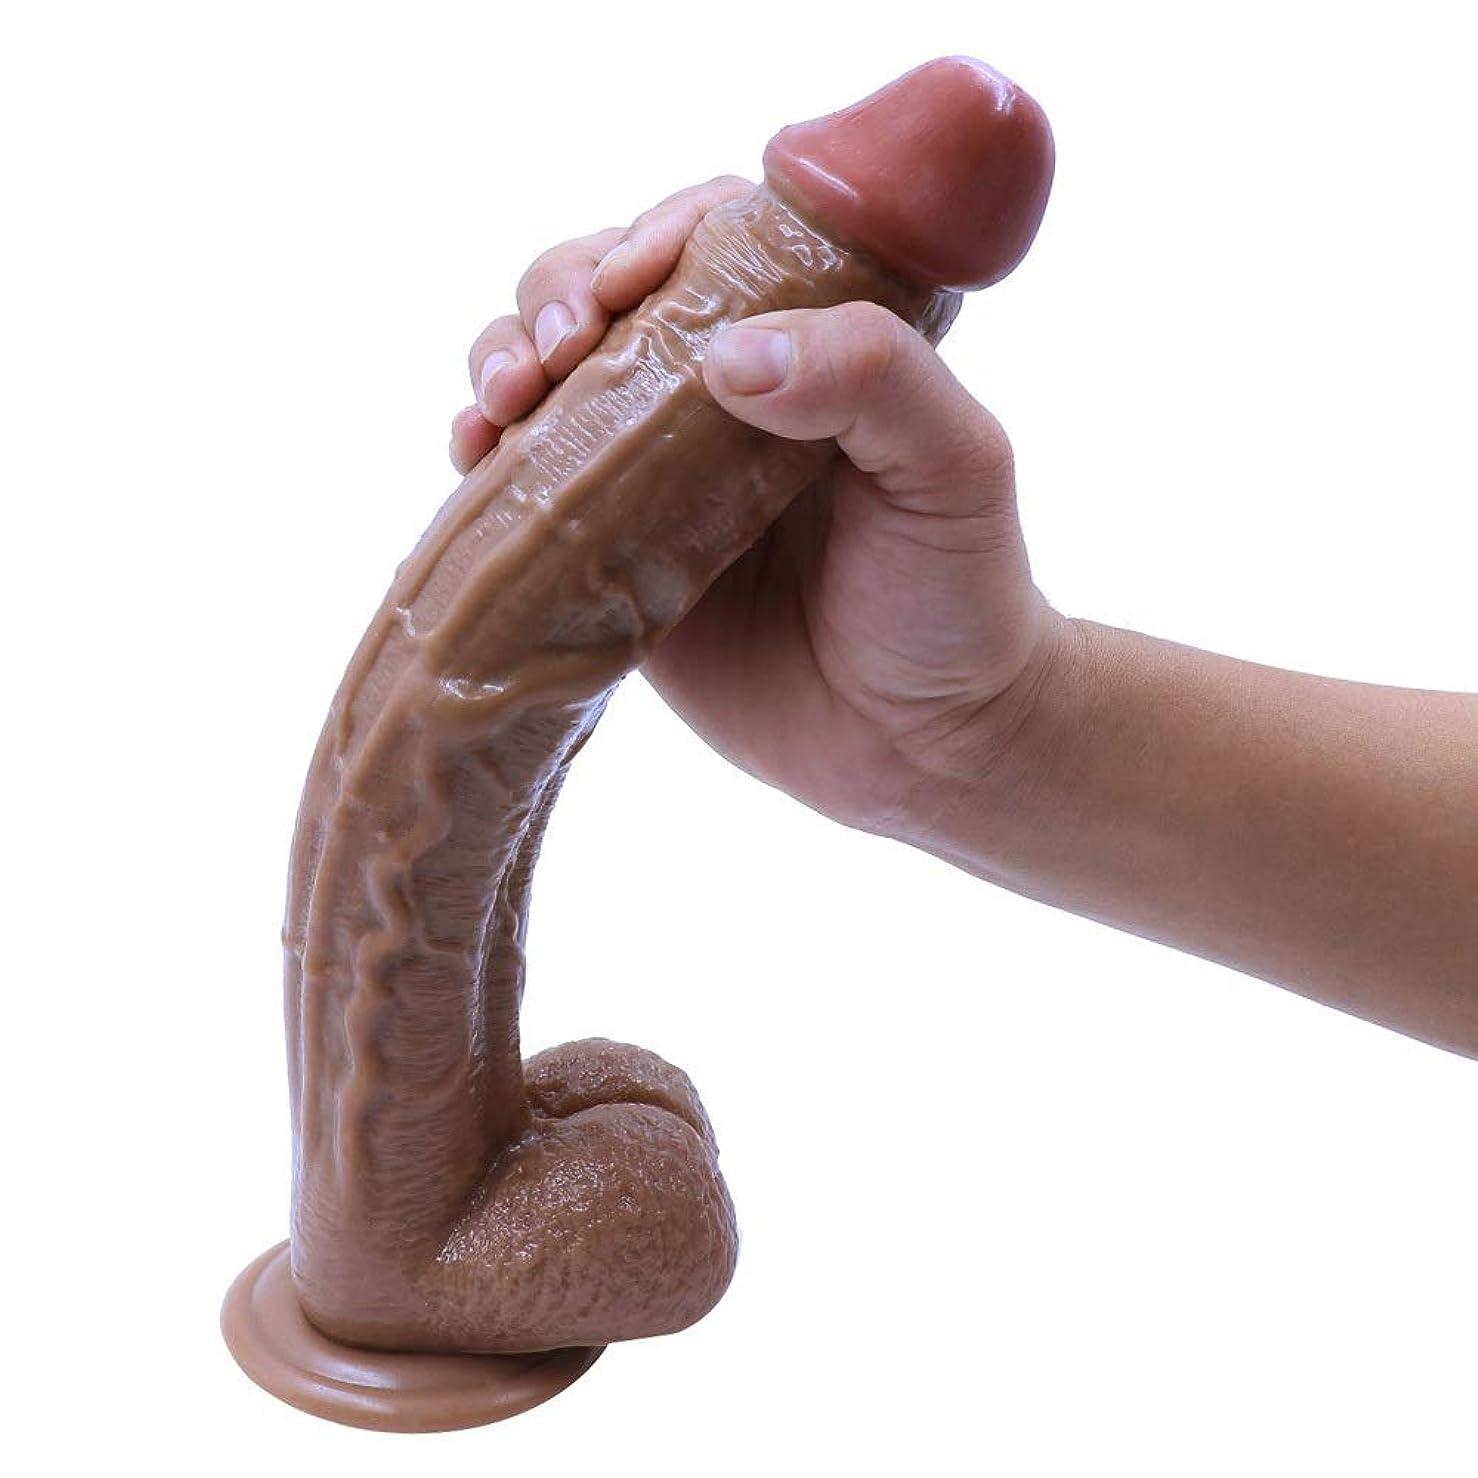 不道徳それらメイエラLTT マッサージ人12.2インチの人工的で巨大で現実的で大きい手の腕の握りこぶしマッサージ女性の演劇